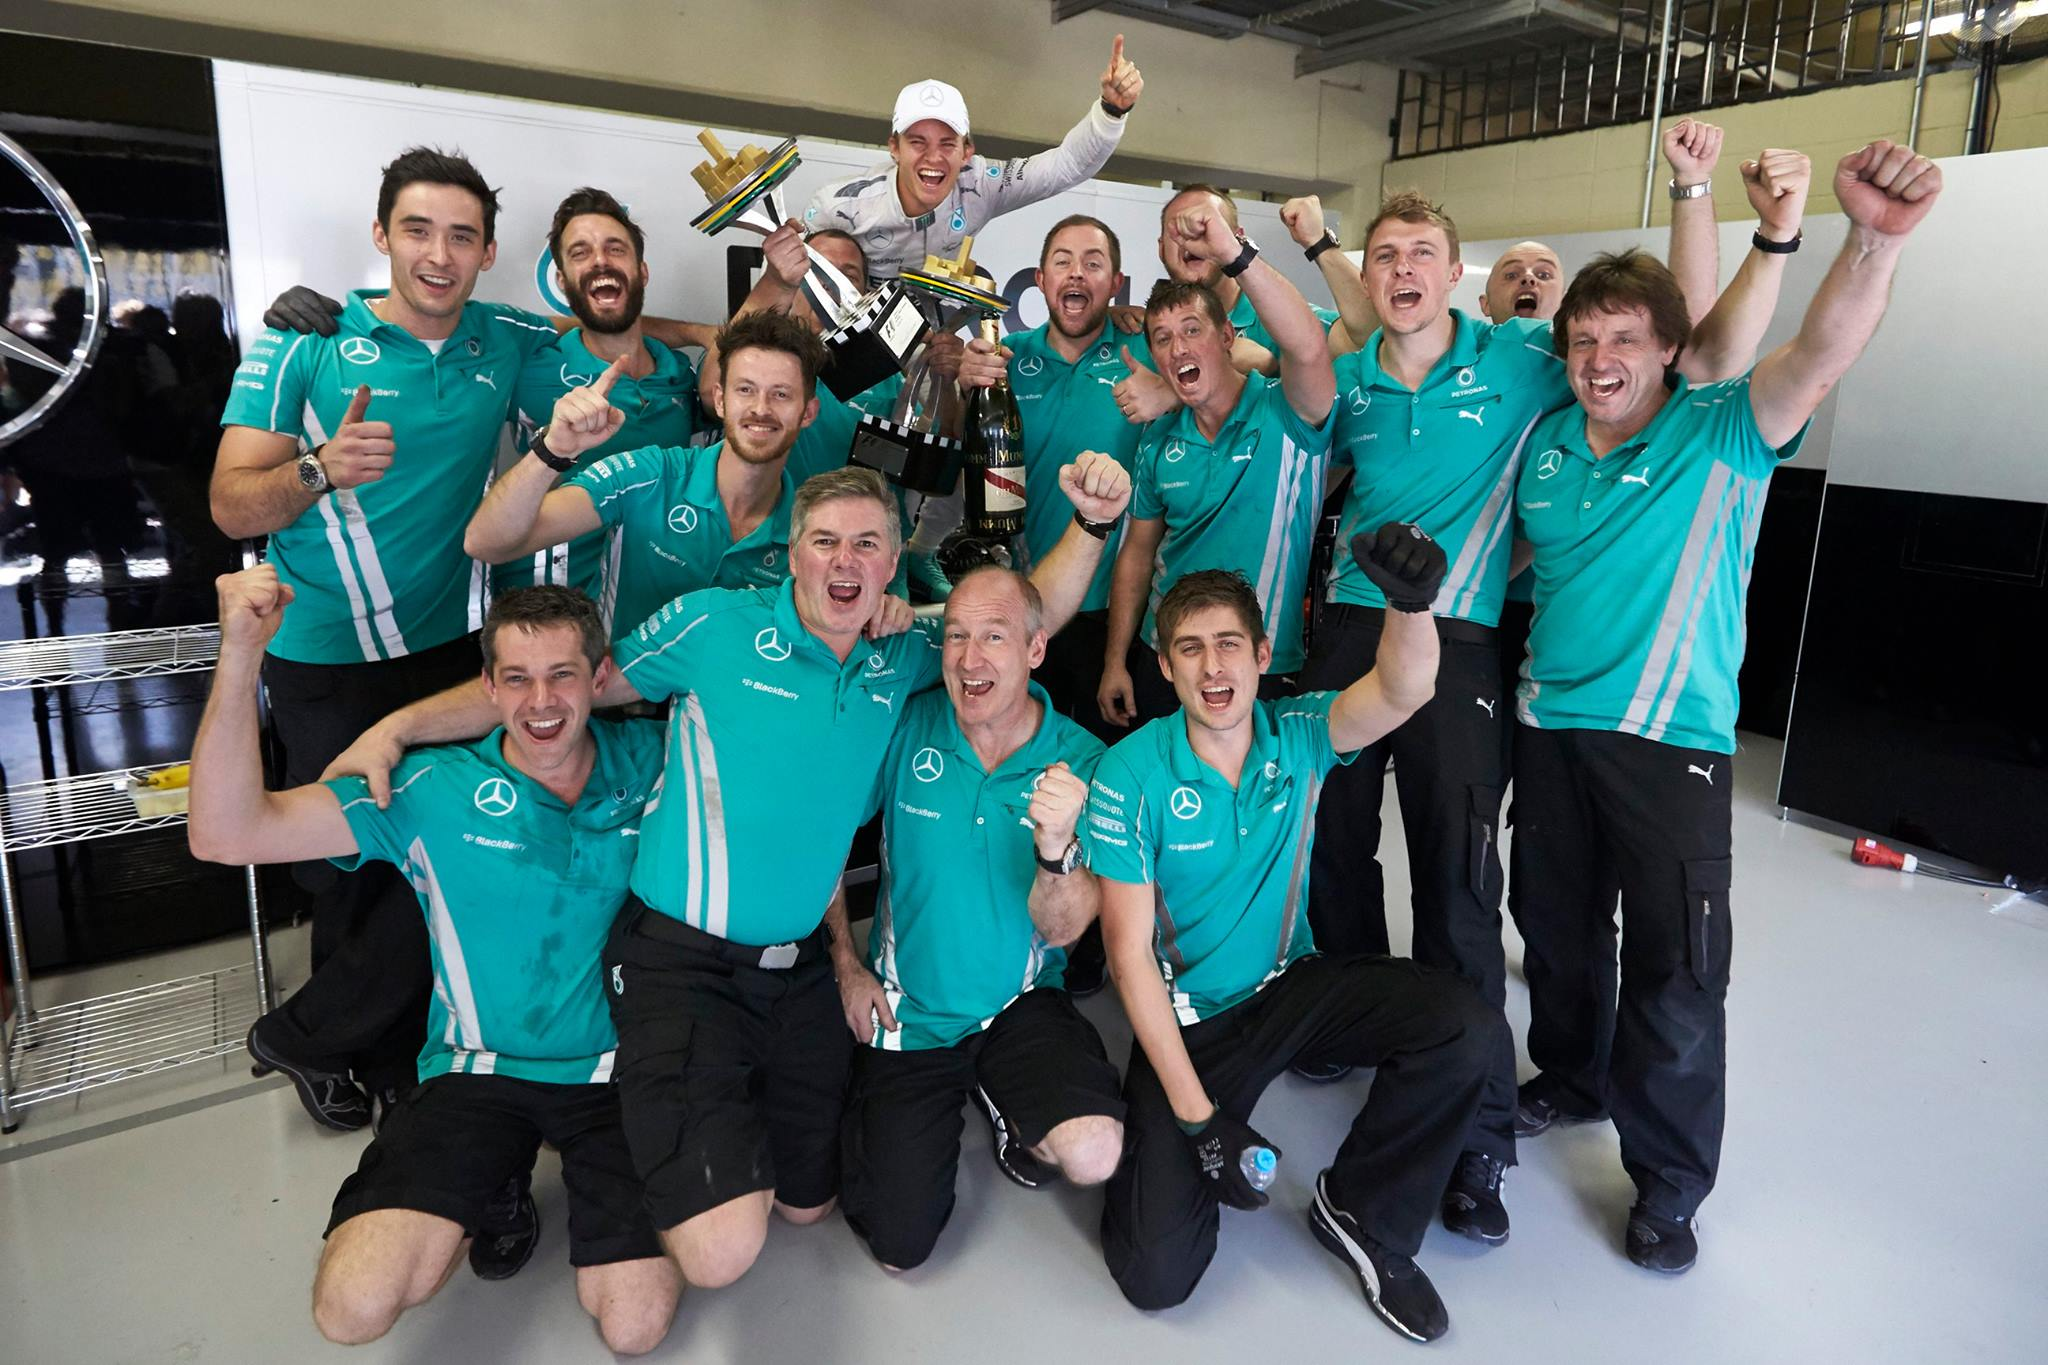 Nico Rosberg comemorando com a equipe. A vitória deixa o GP de Abu Dhabi em duas semanas emocionante.